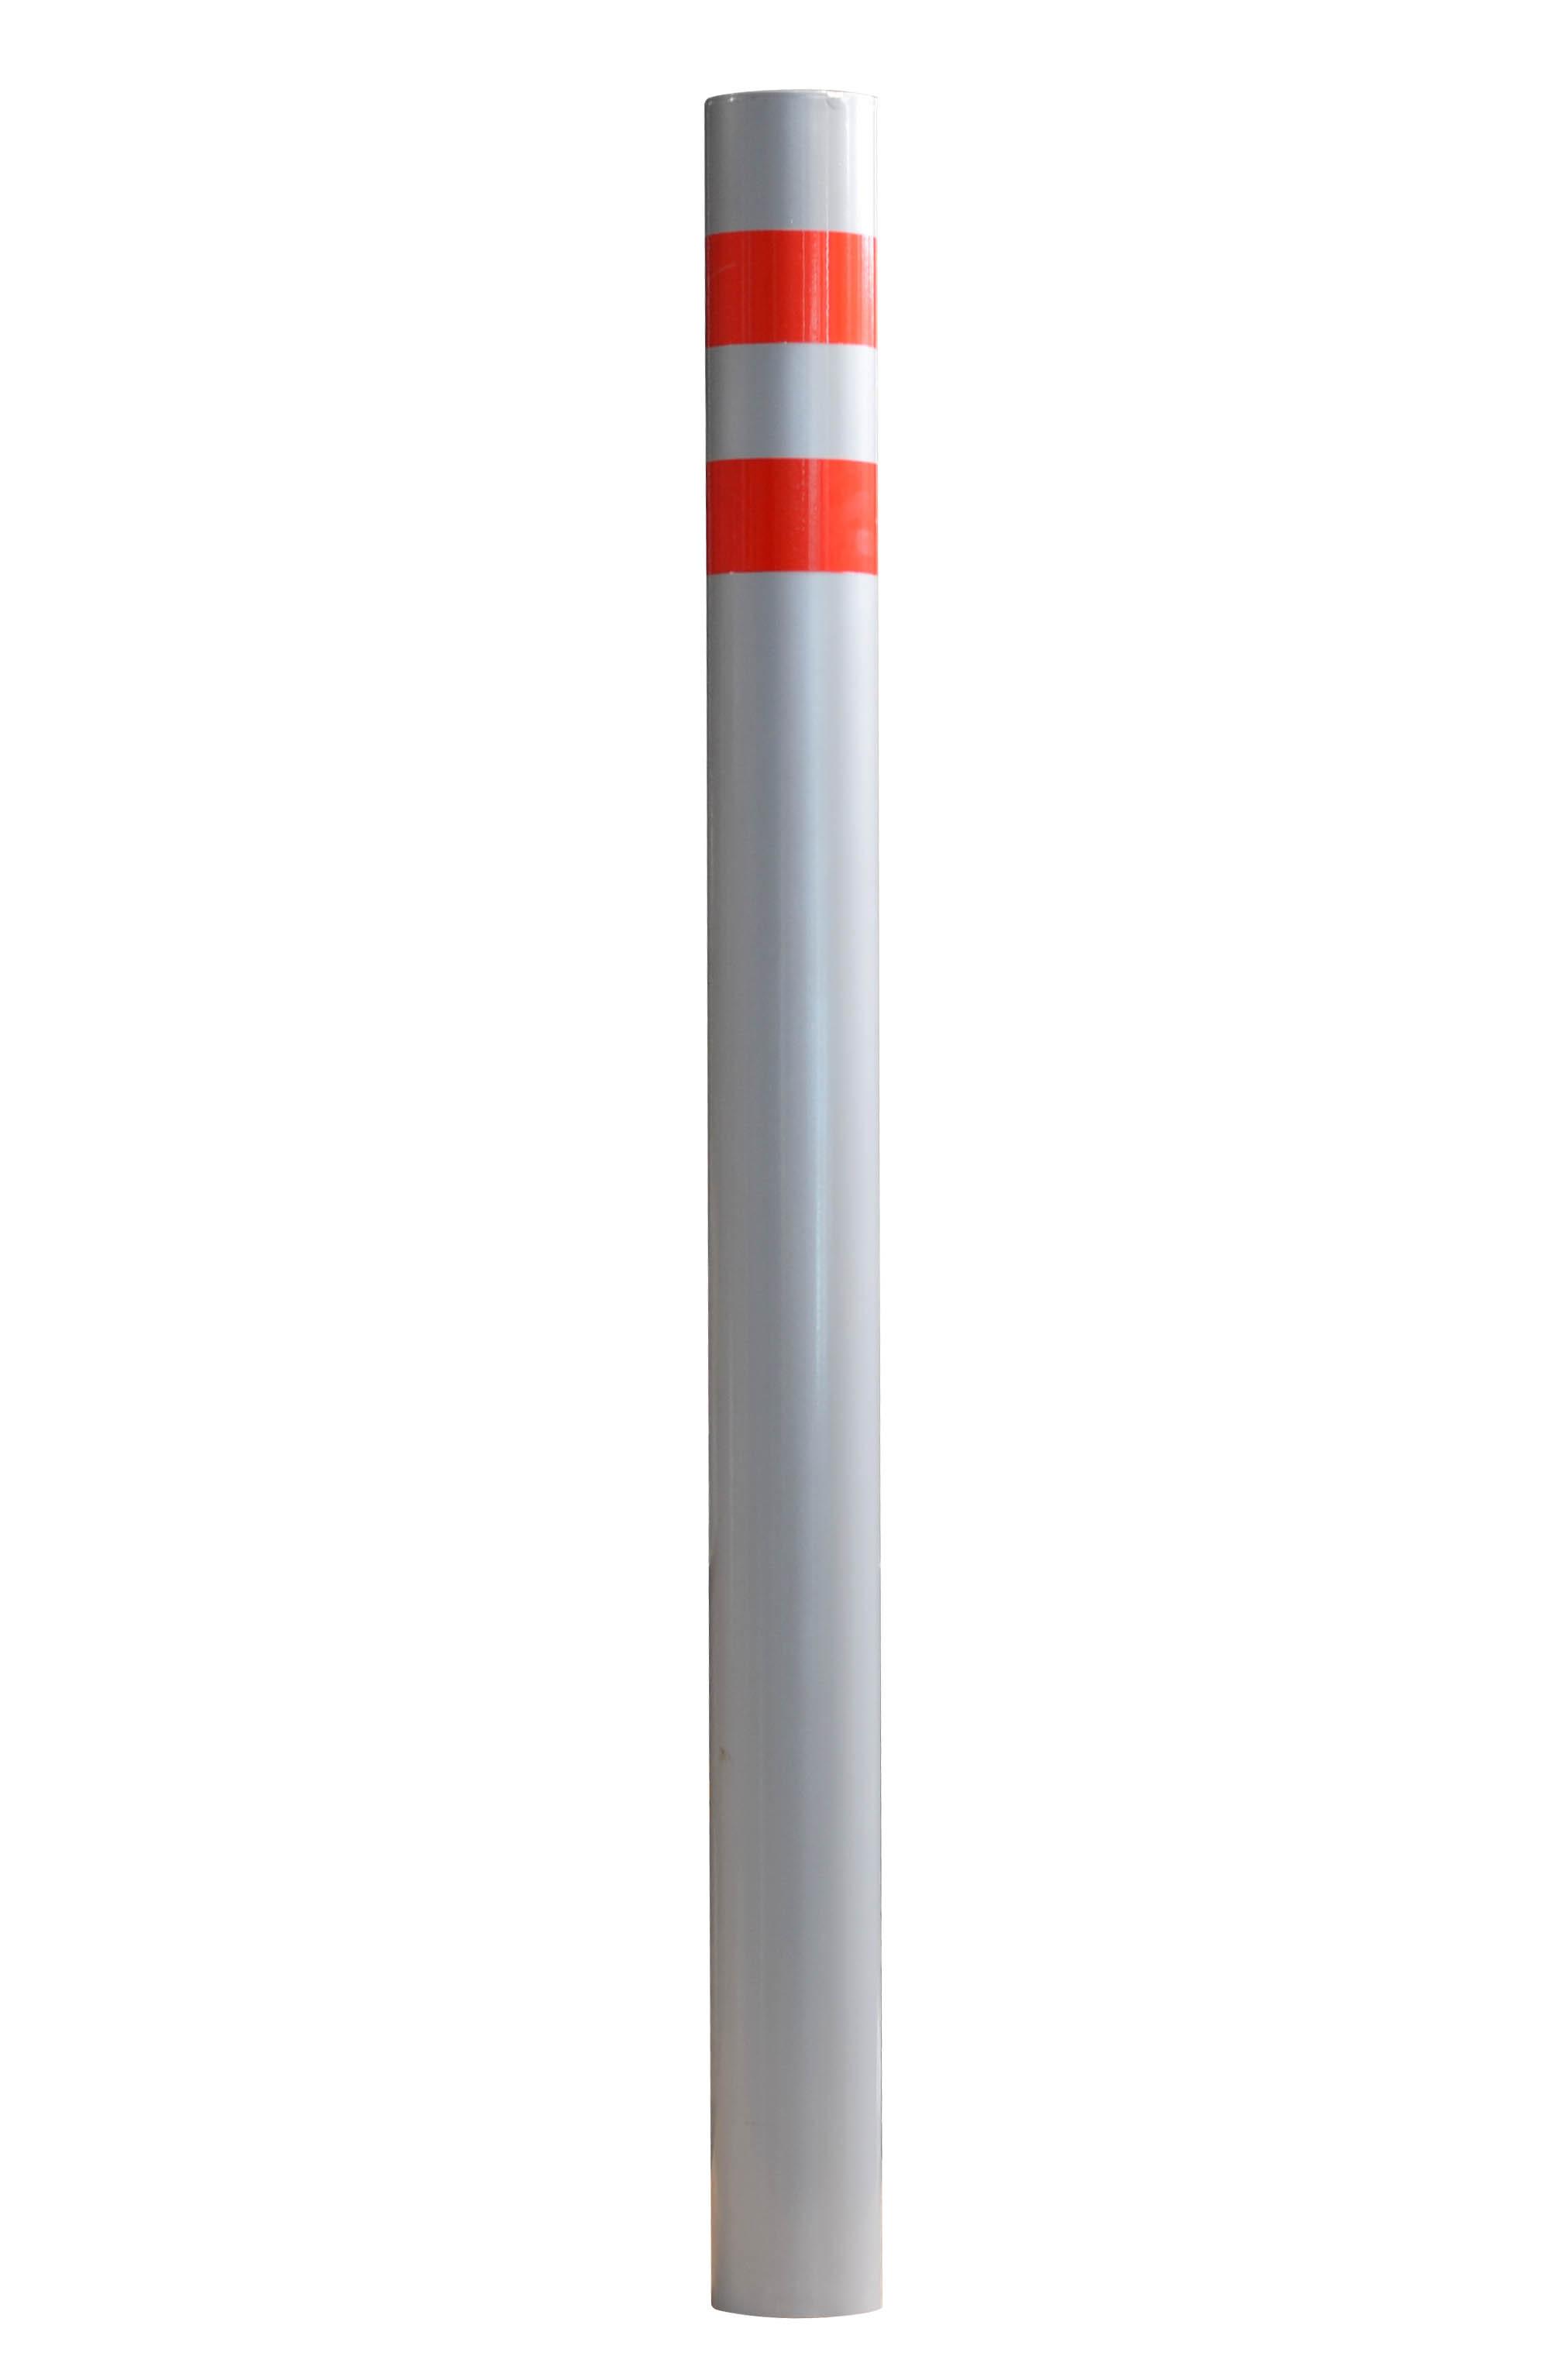 схема установки парковочных столбов